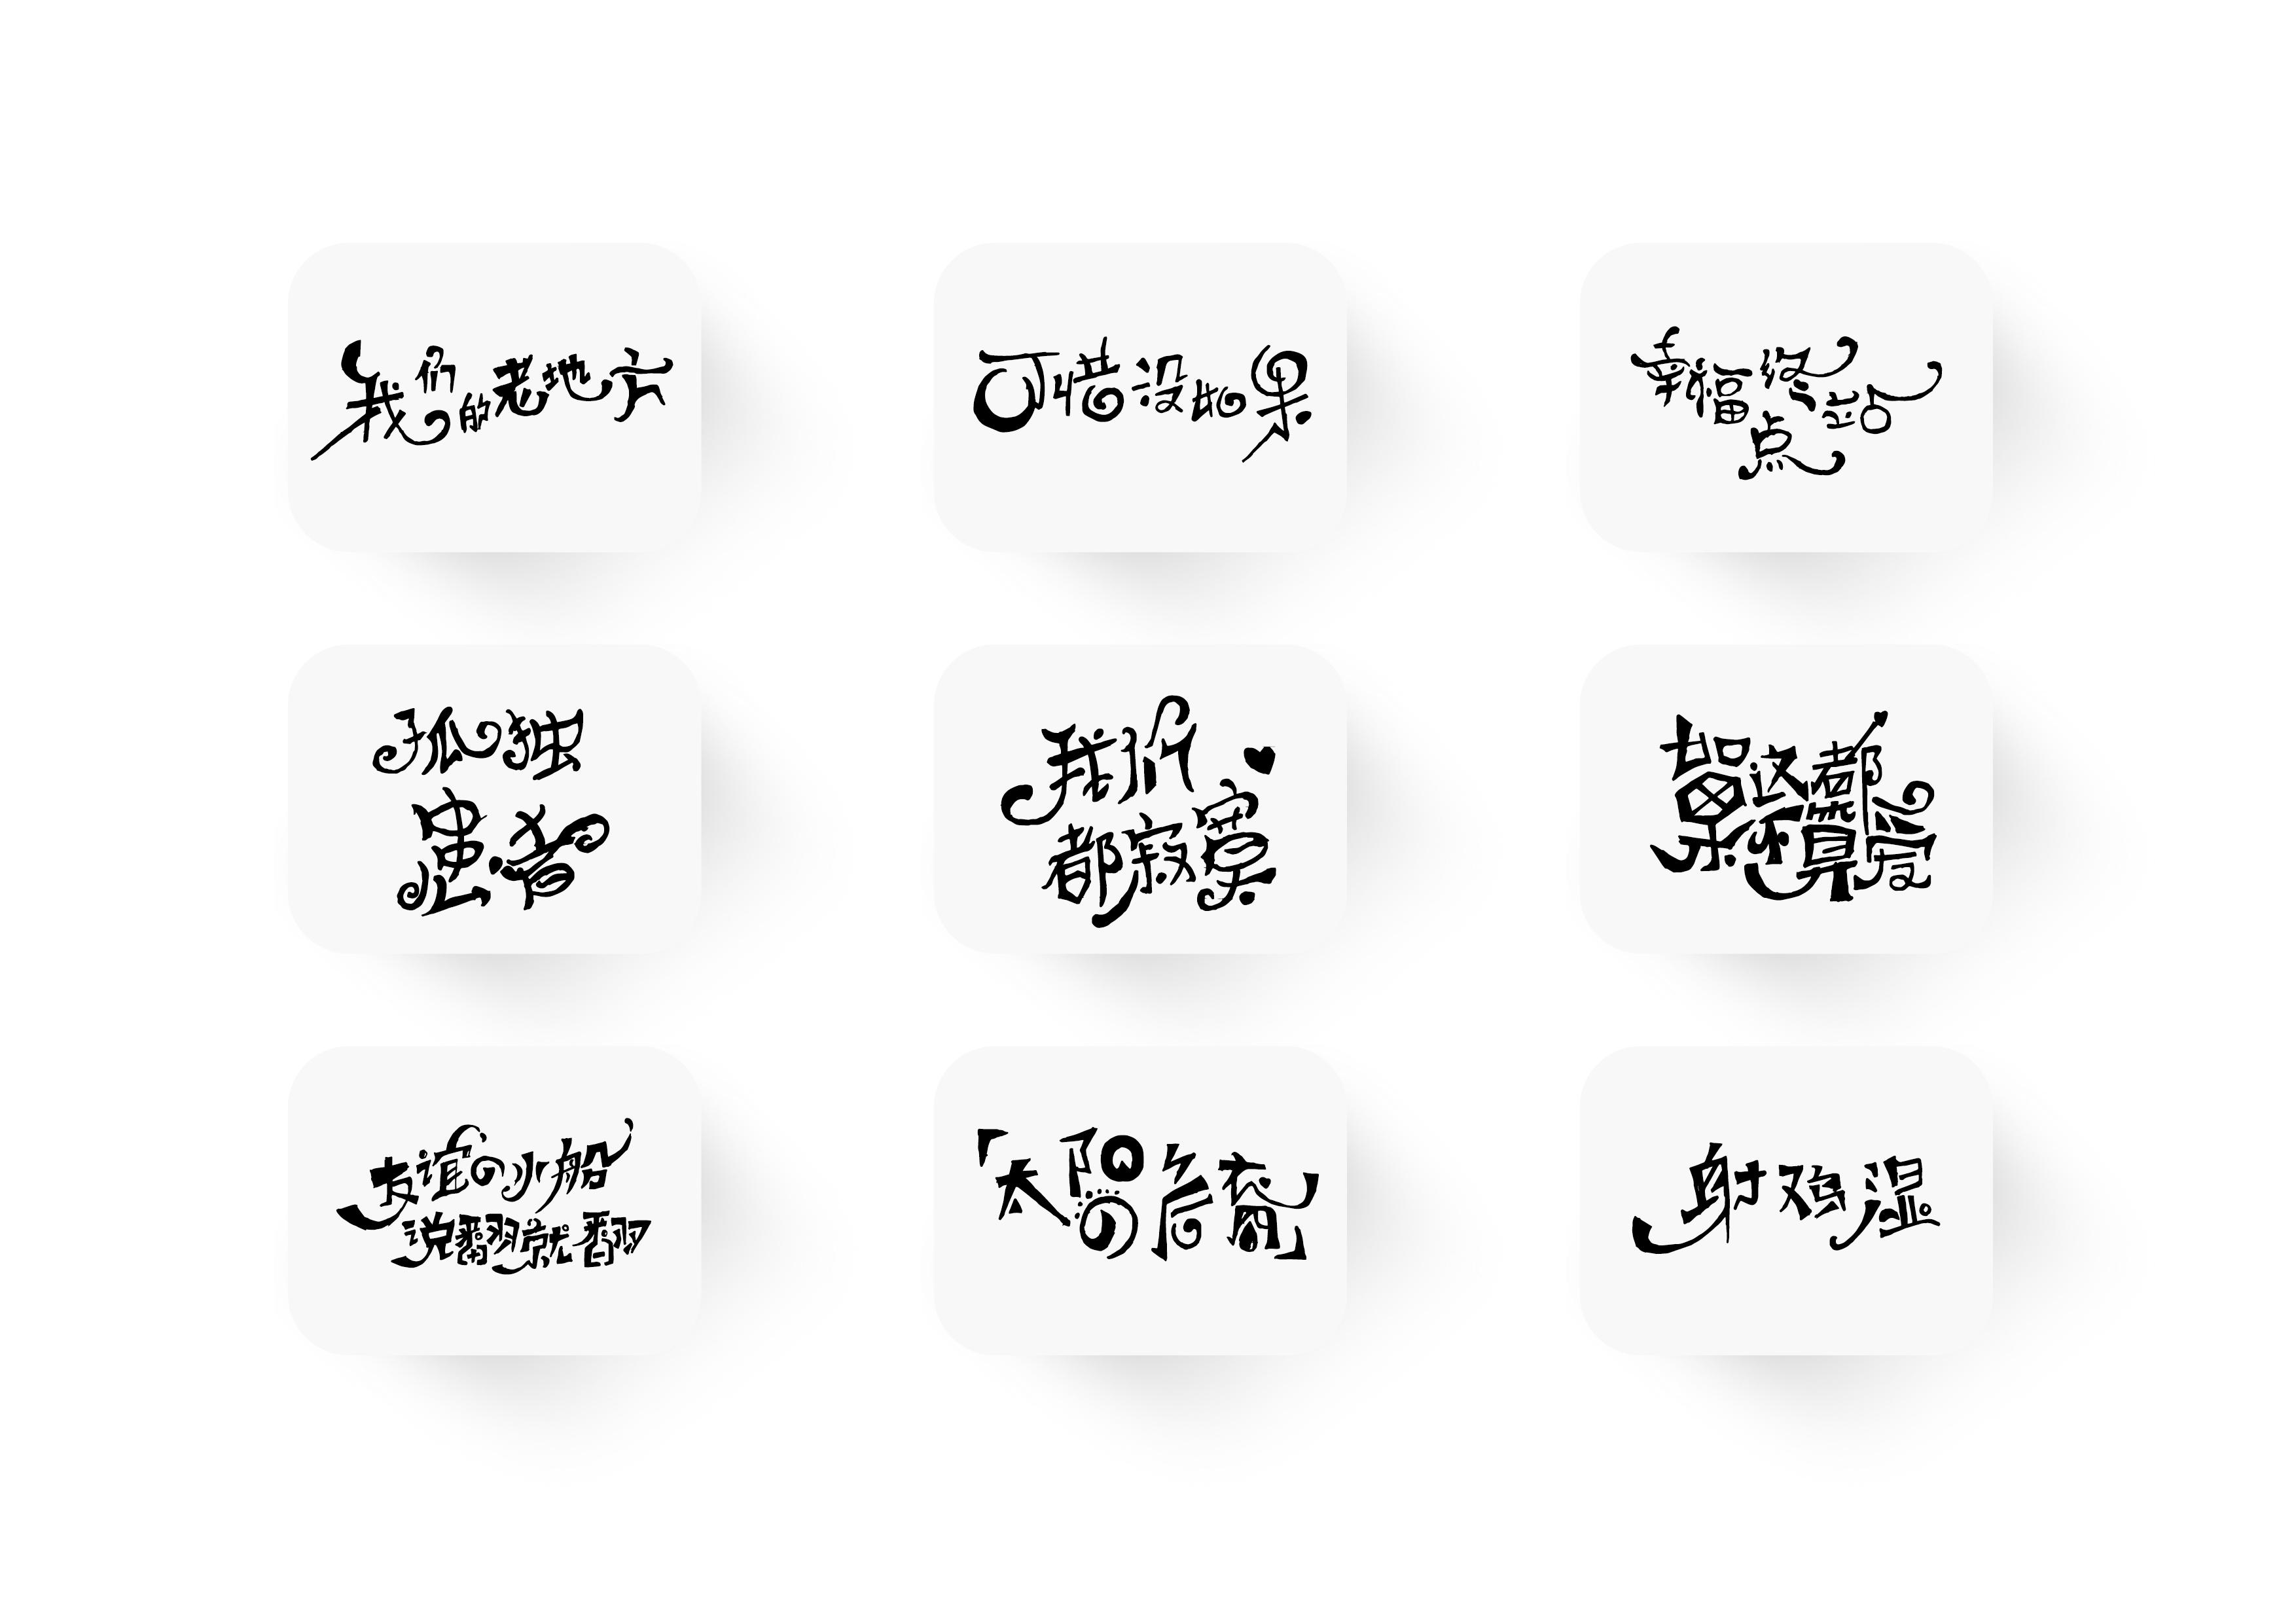 手绘字体学习中